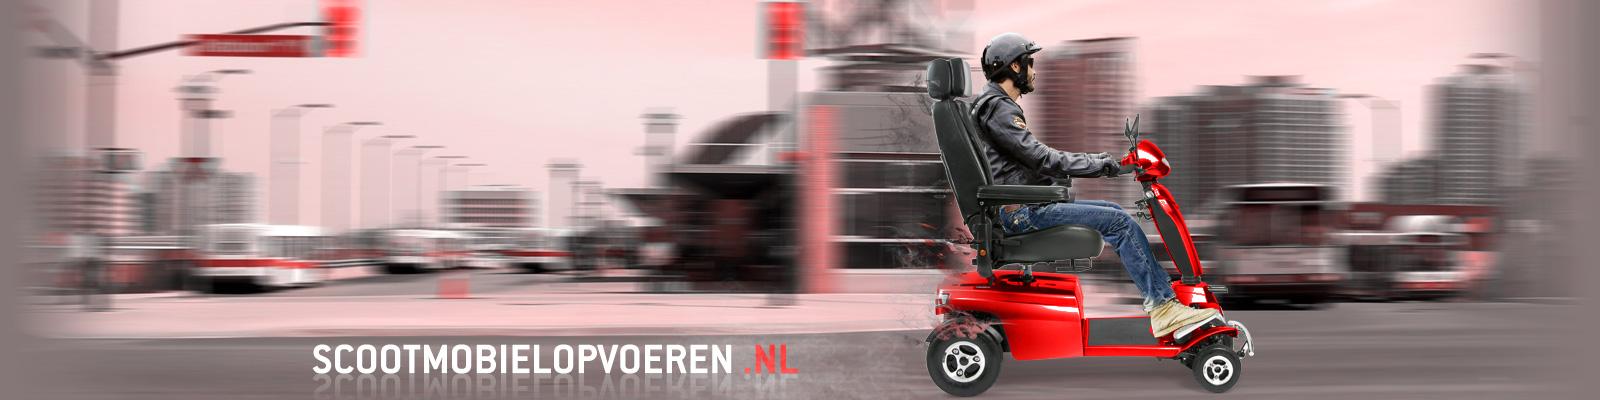 Scootmobielopvoeren.nl